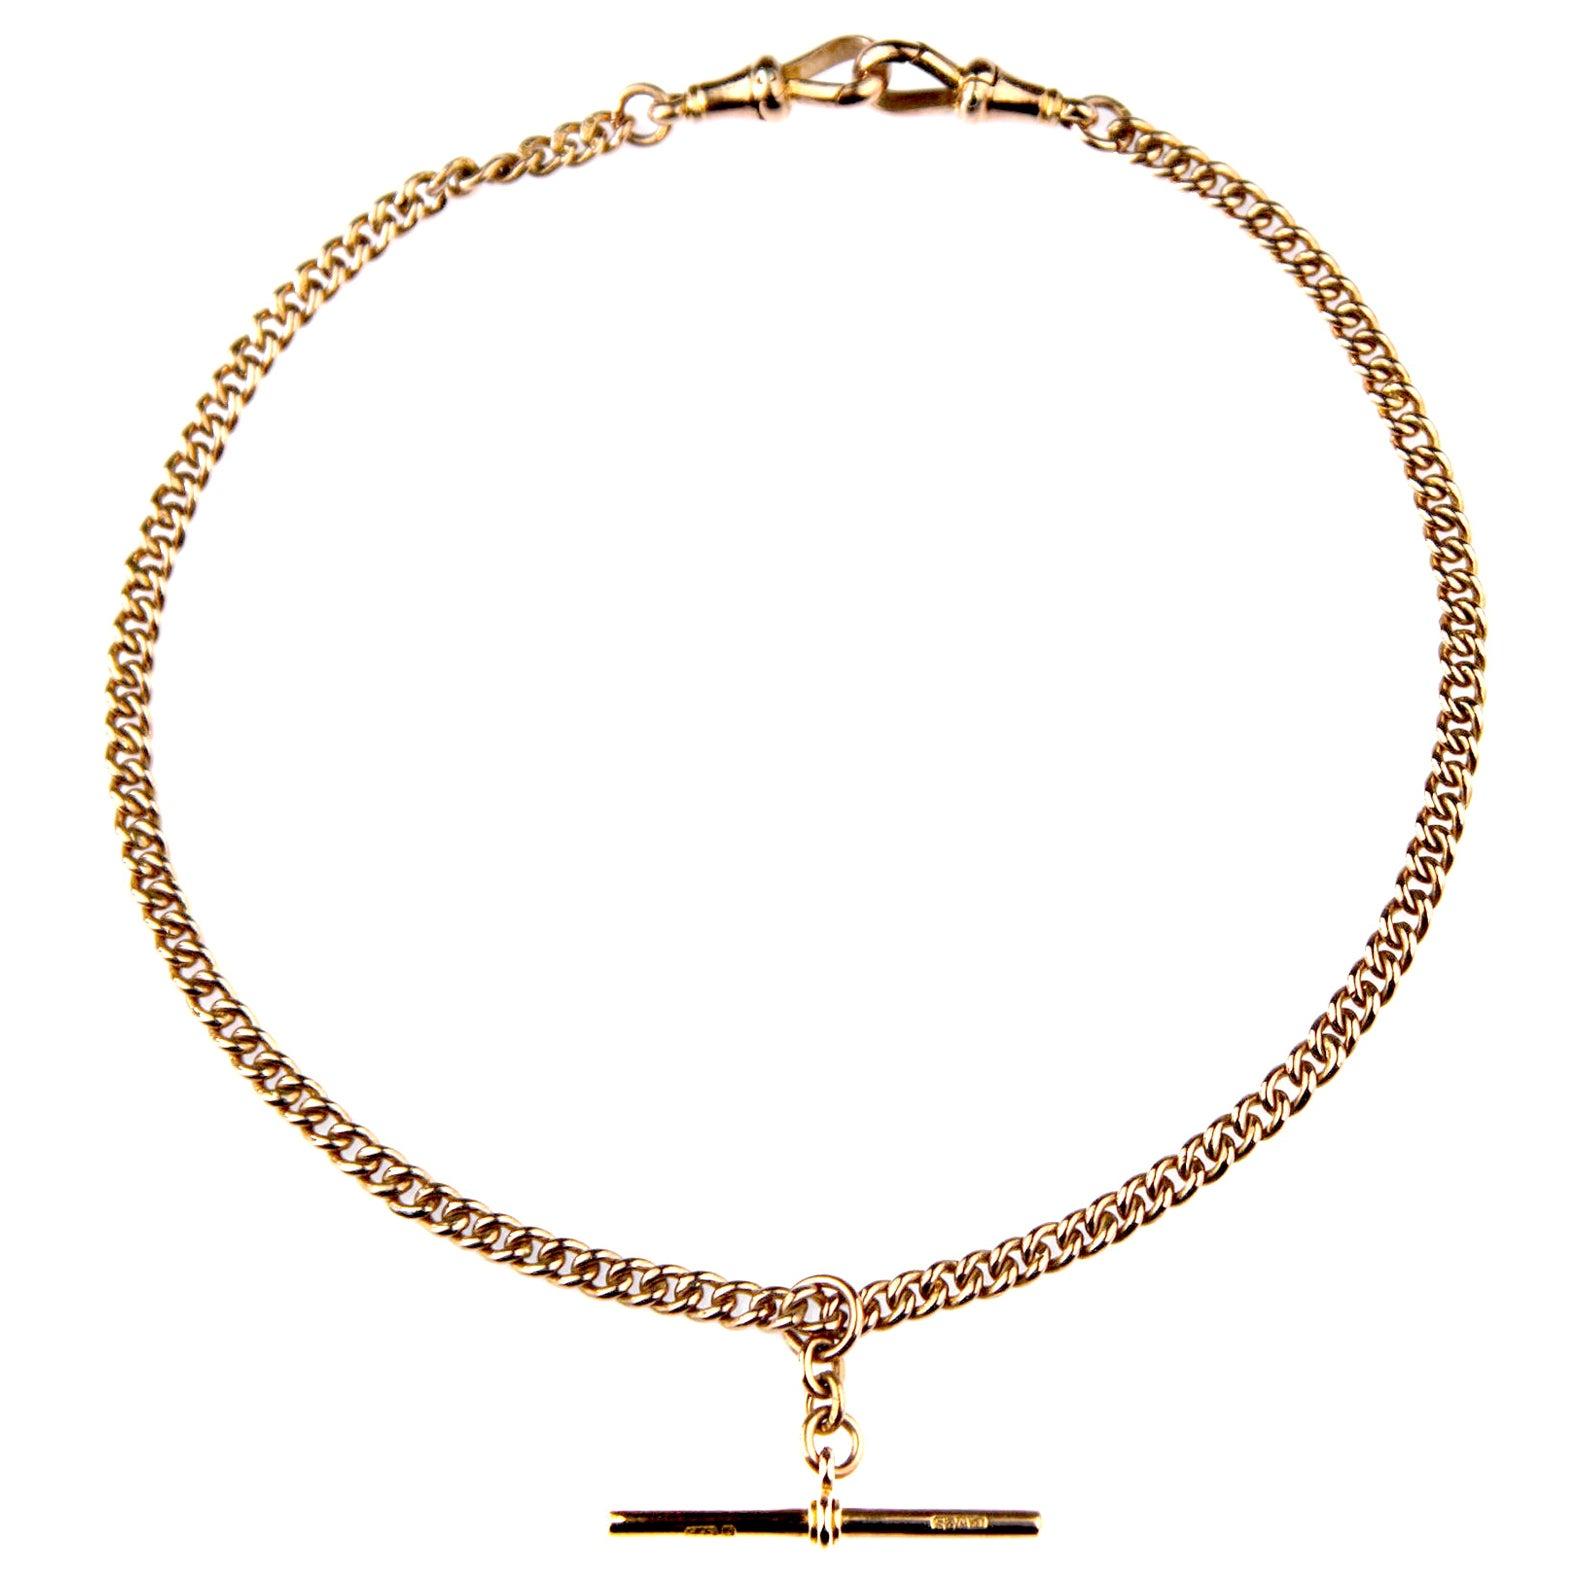 Antique Double Albert Watch Rose Gold Chain, British Hallmarked 1919